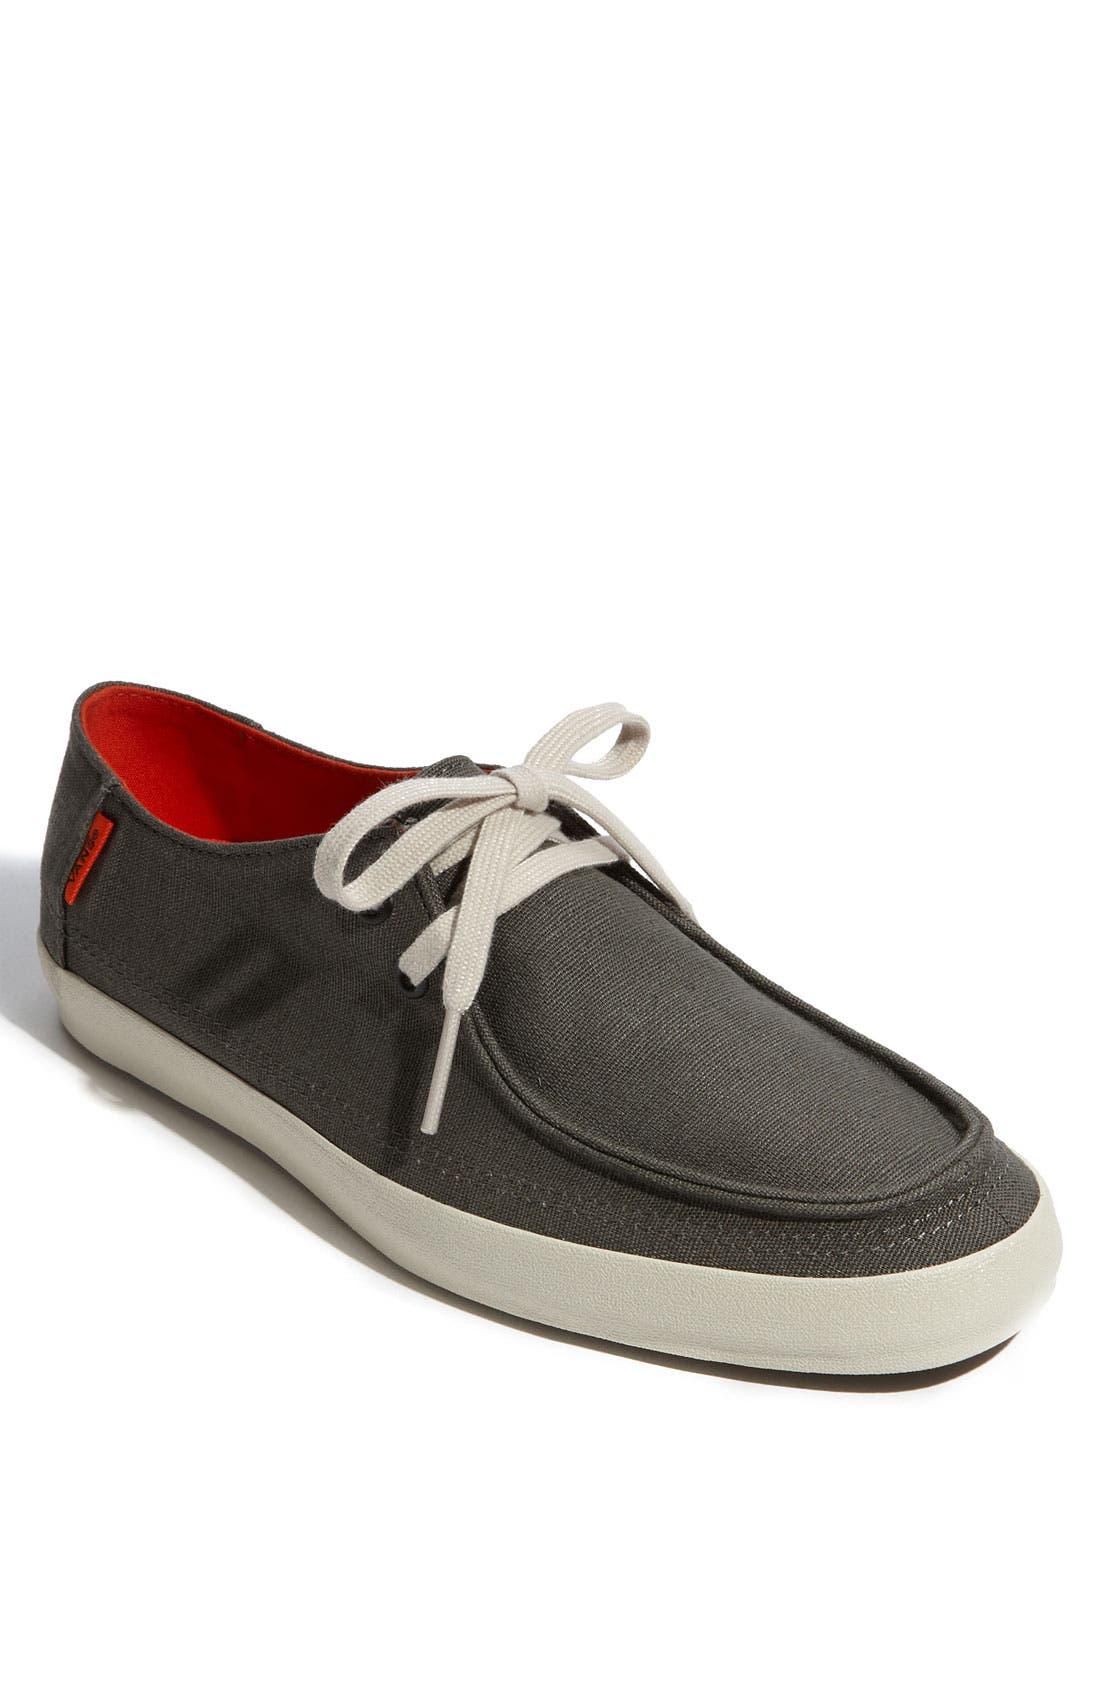 Main Image - Vans 'Rata Vulc' Sneaker